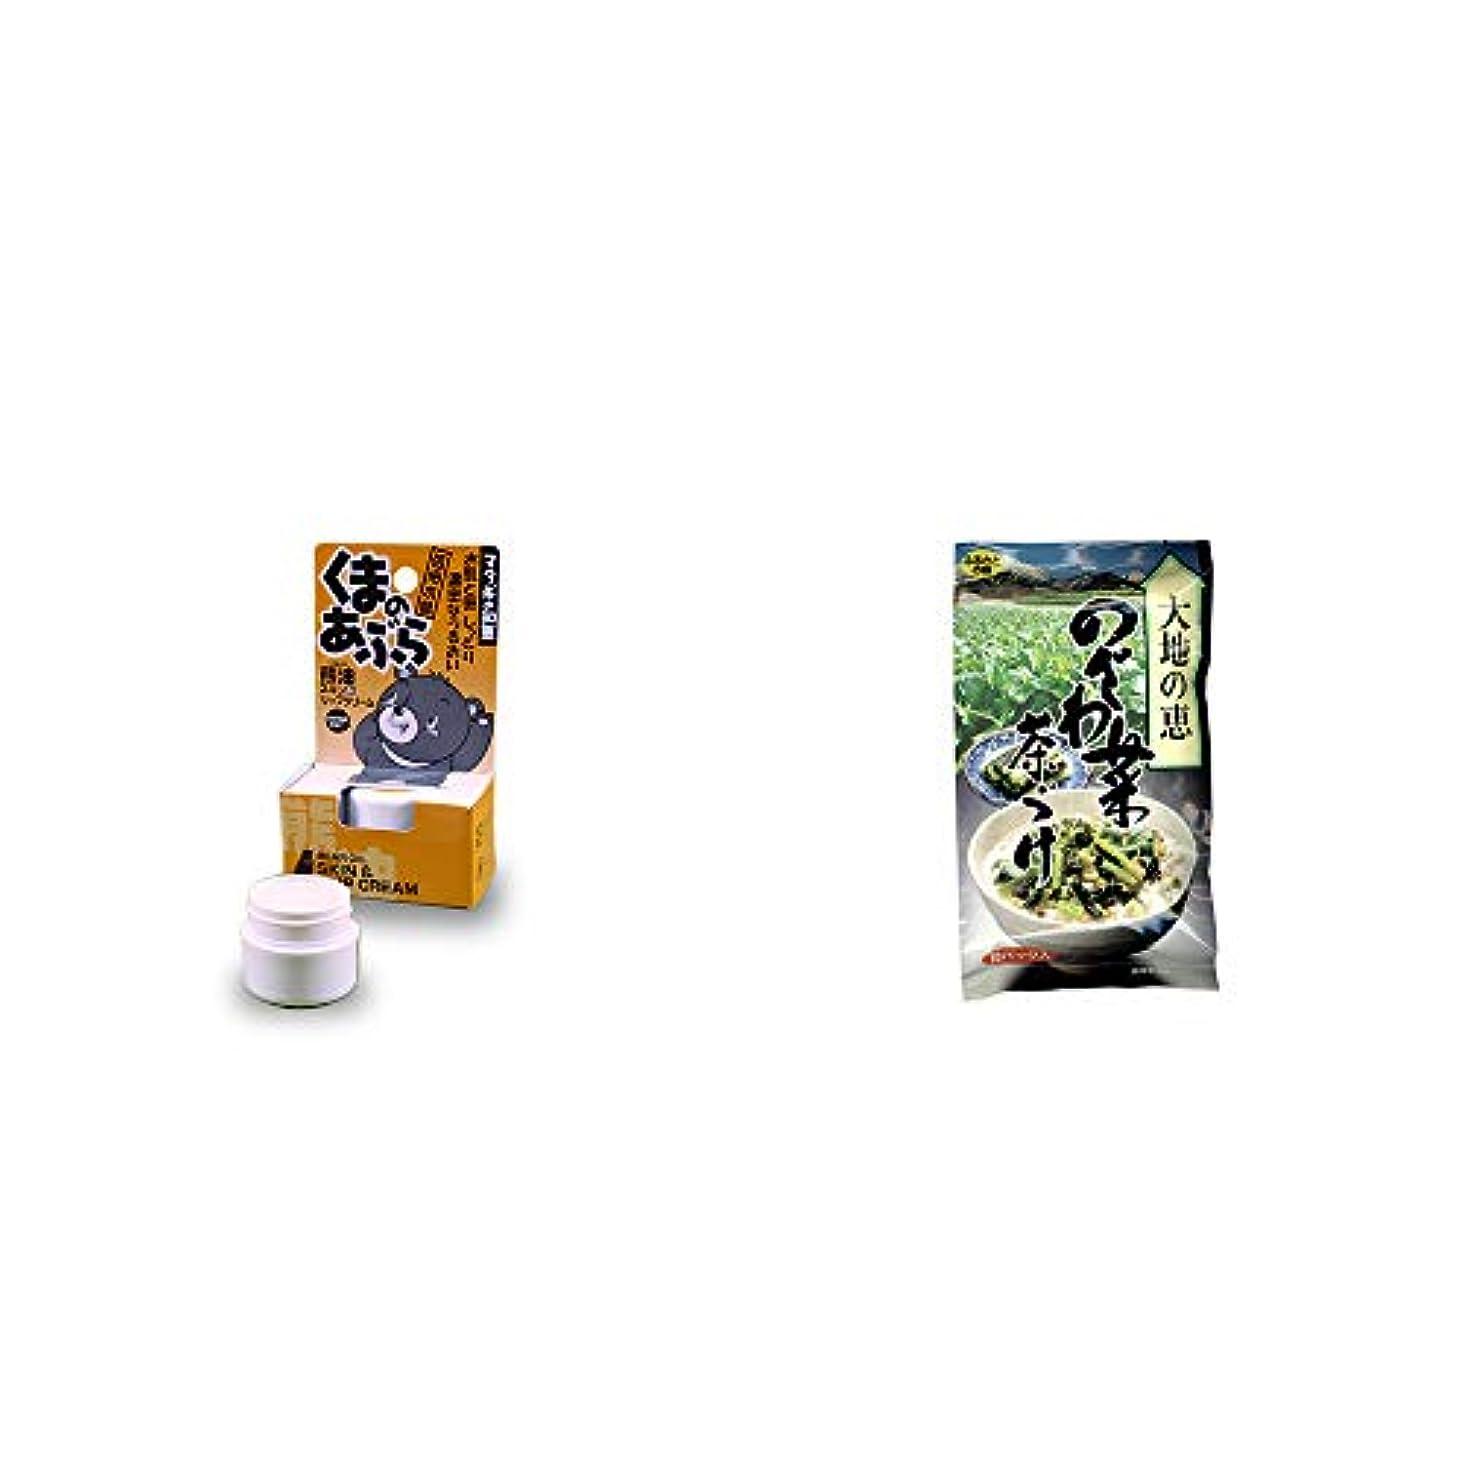 起業家写真外交問題[2点セット] 信州木曽 くまのあぶら 熊油スキン&リップクリーム(9g)?特選茶漬け 大地の恵 のざわ菜茶づけ(10袋入)